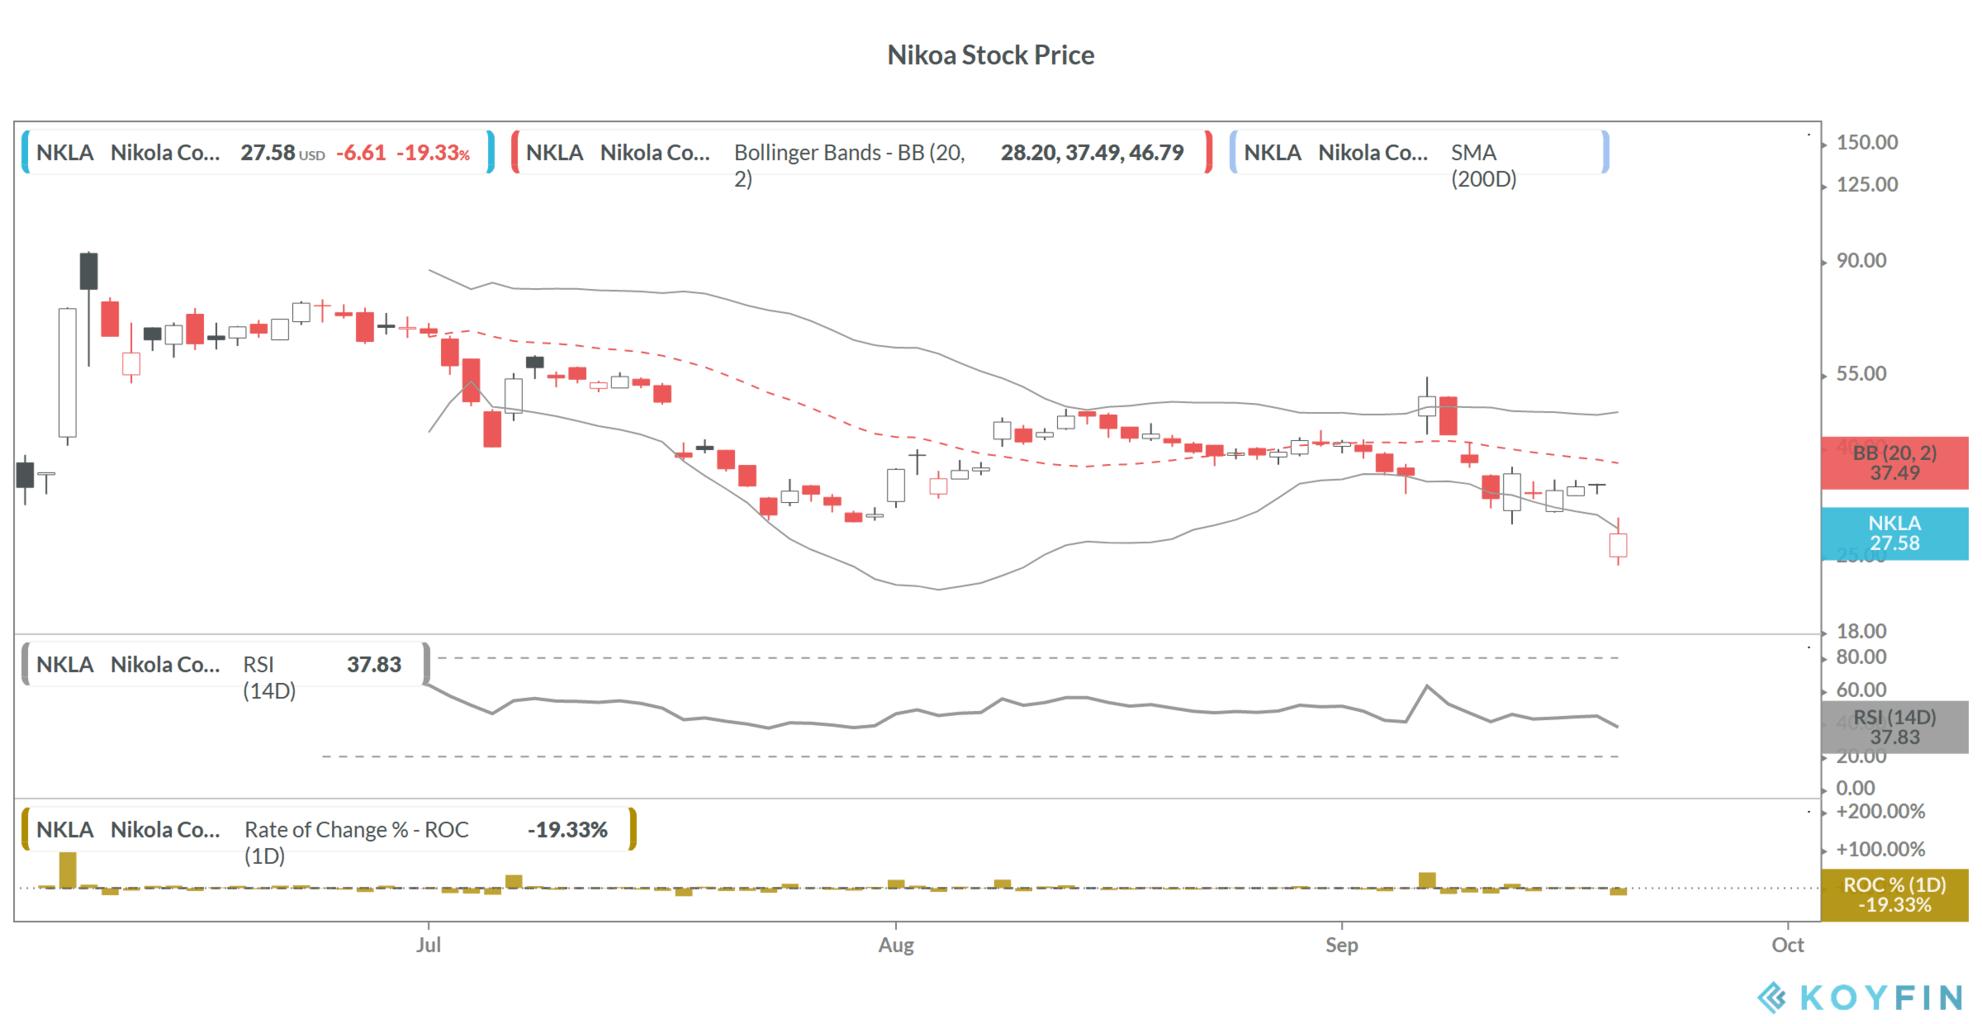 Nikola share price